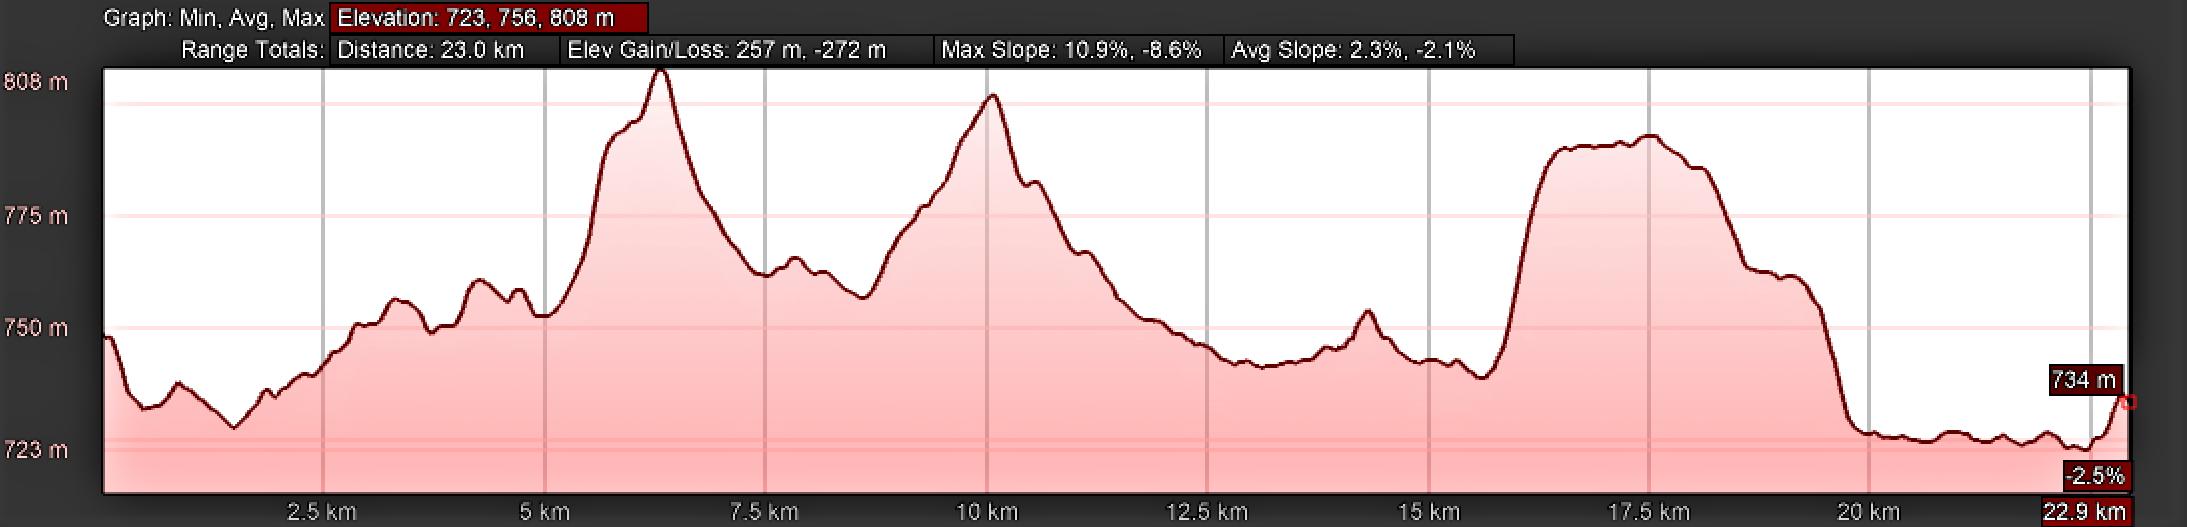 Elevation Profile, Camino Sanabrés, Tábara to Santa Marta de Tera